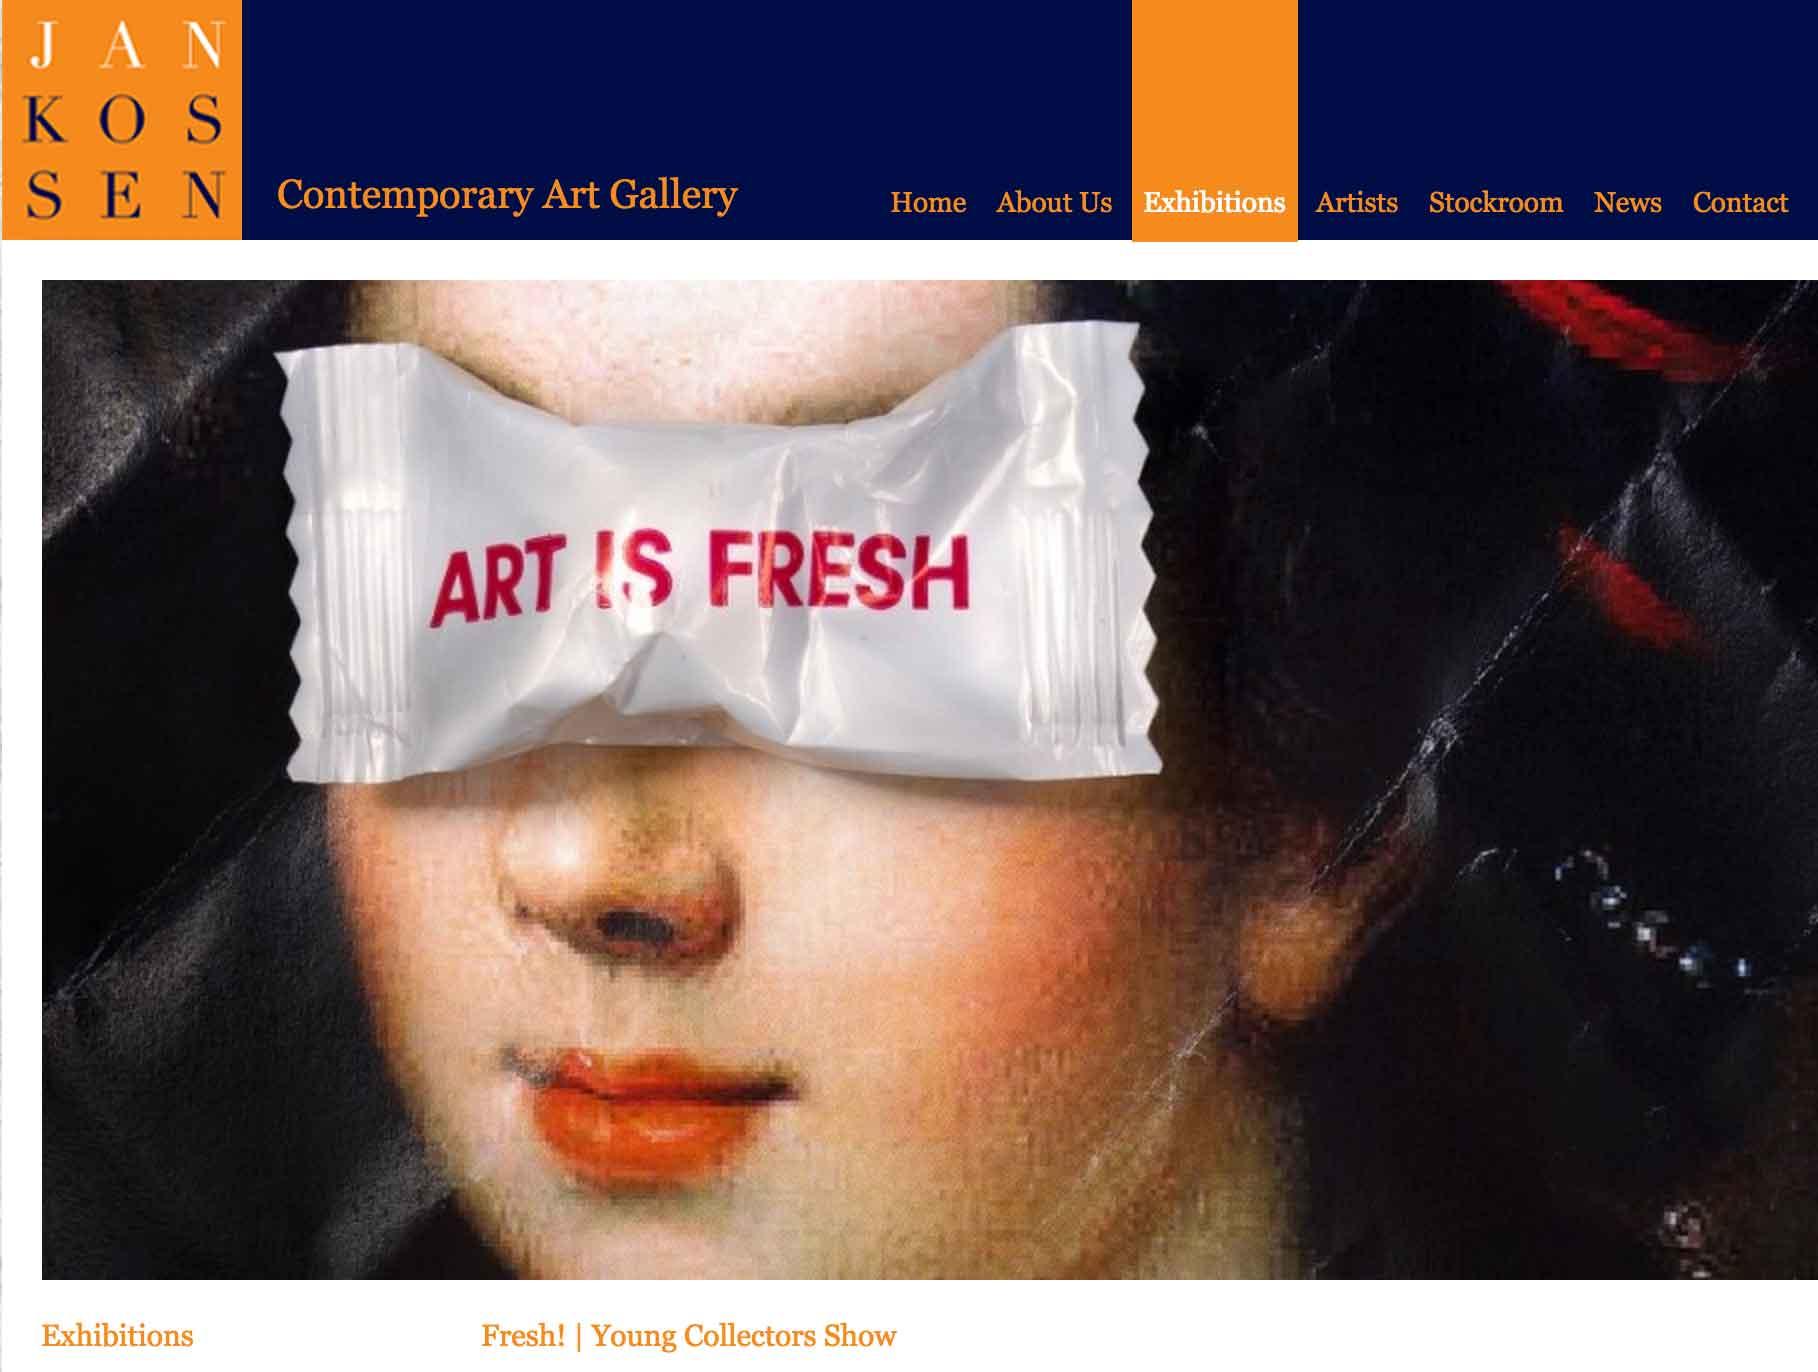 Fresh! Jankossen Gallery - July 16